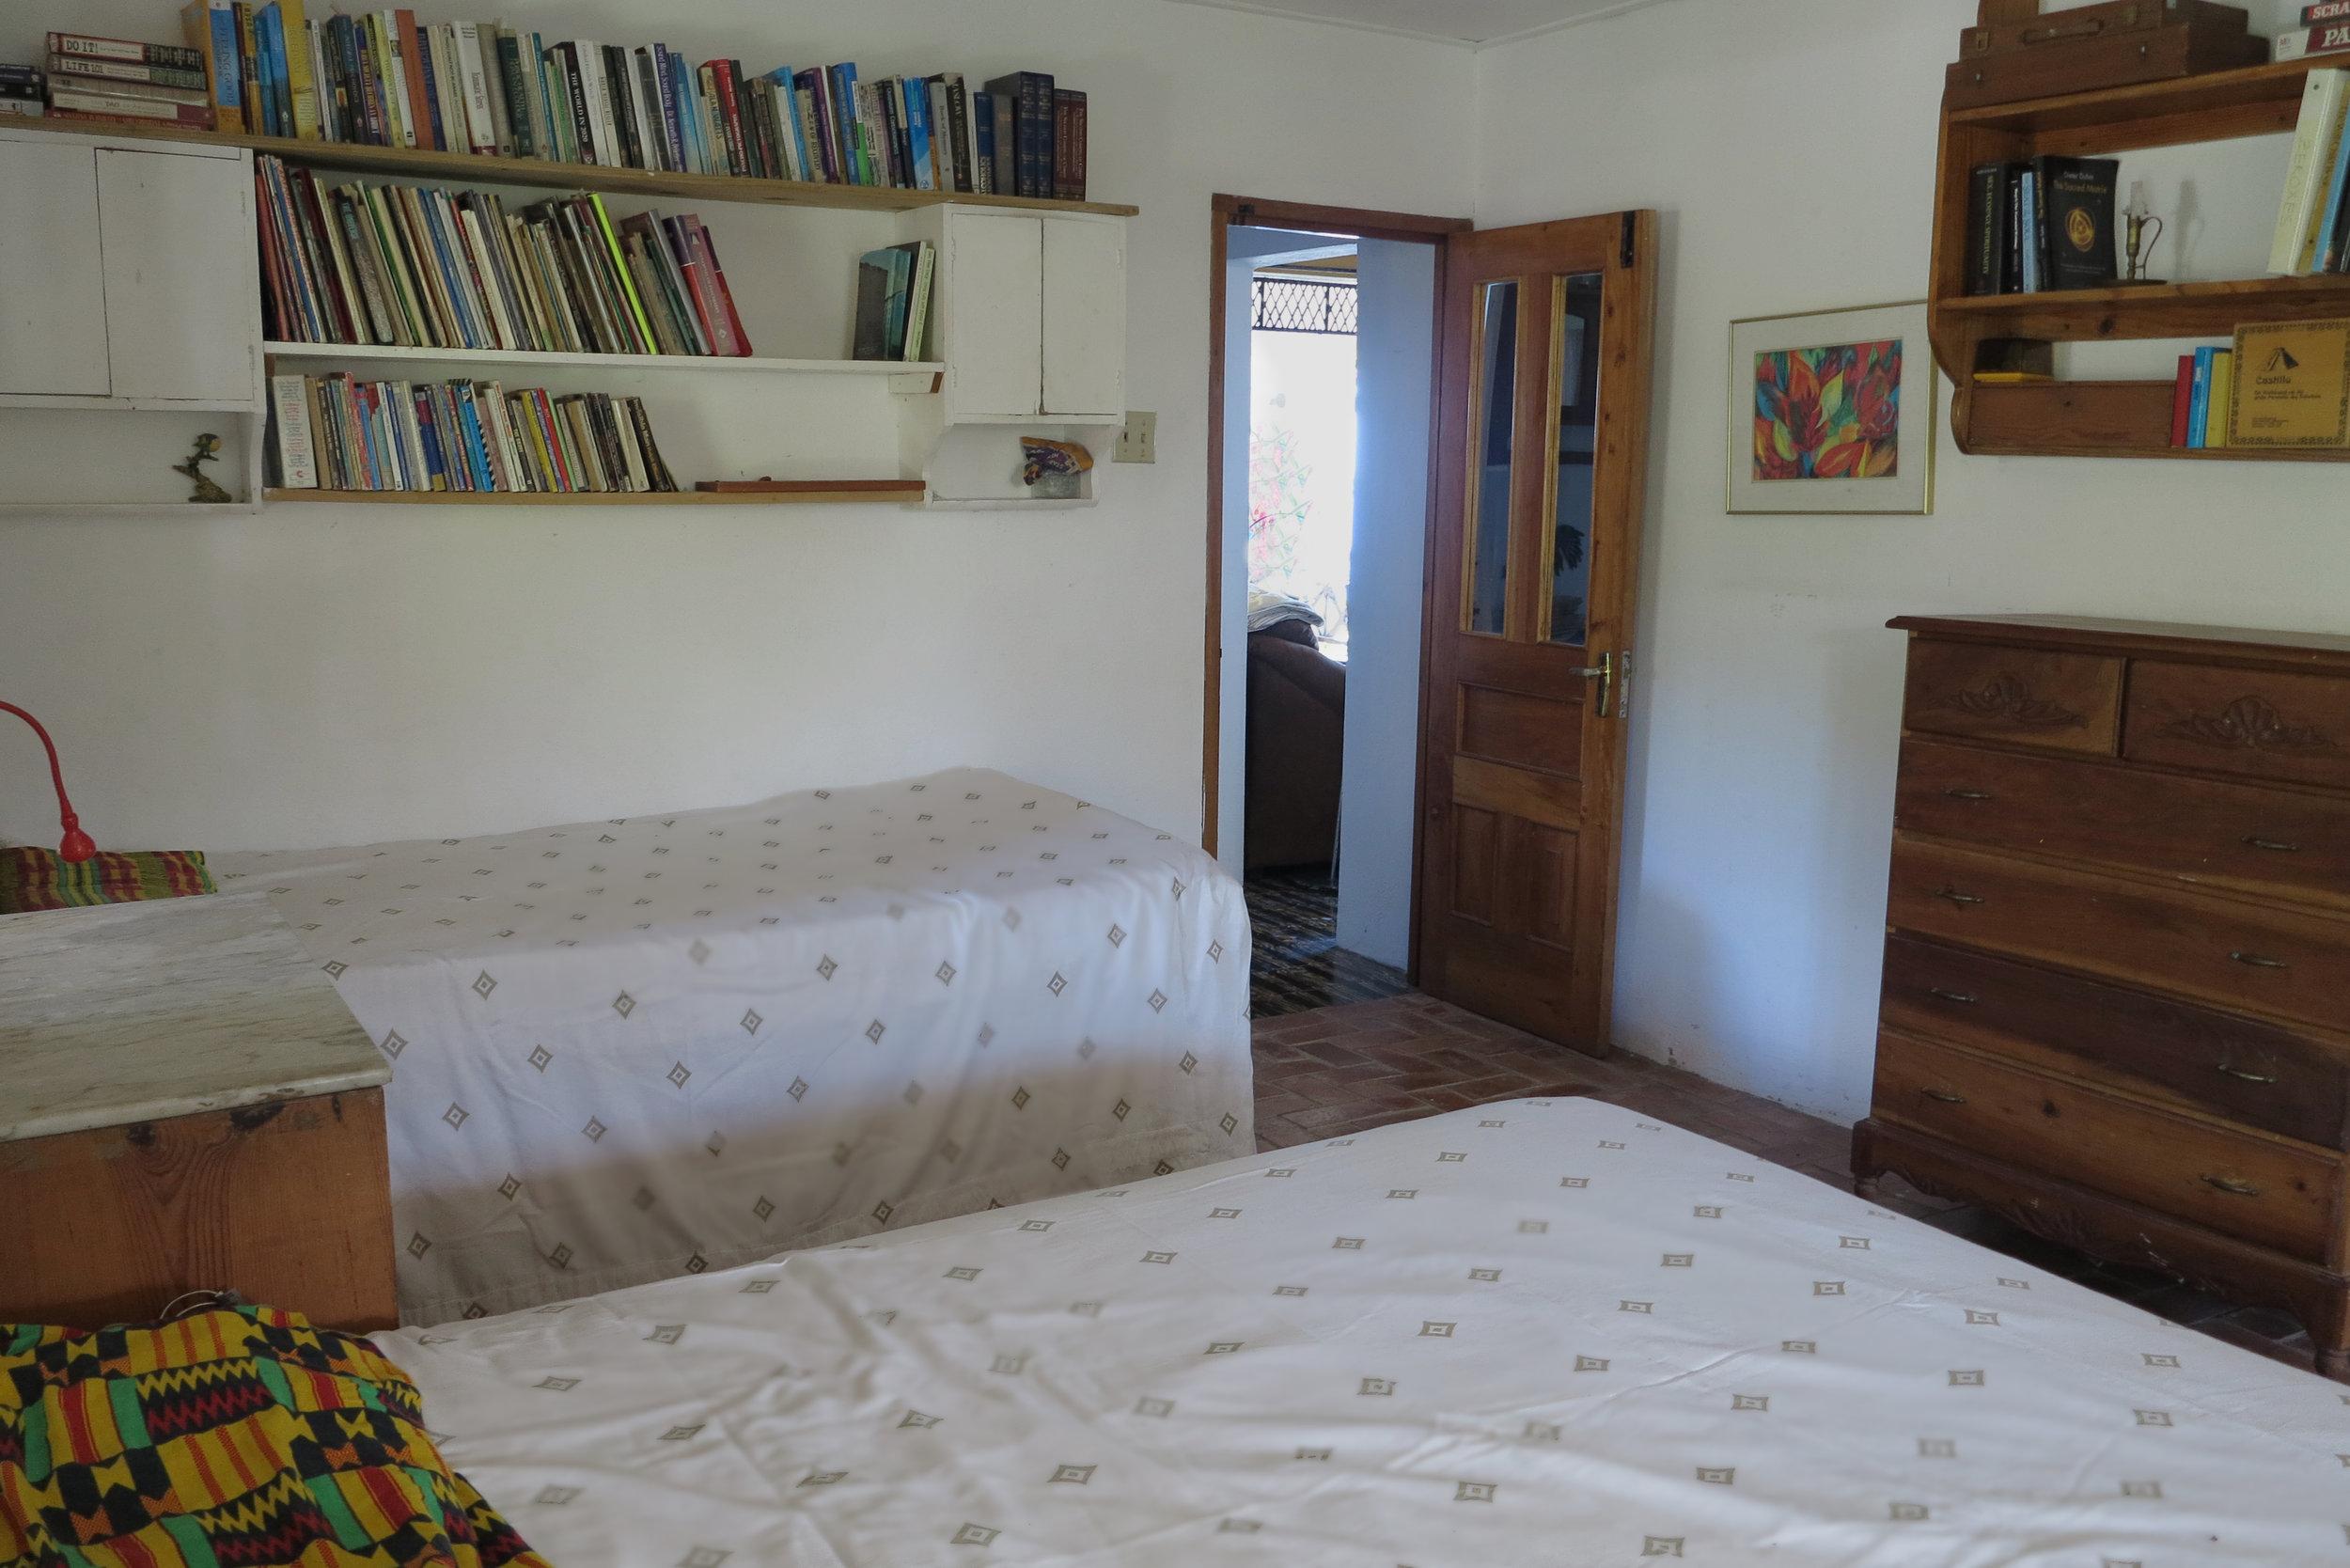 Bedroom_Bookshelves.jpg